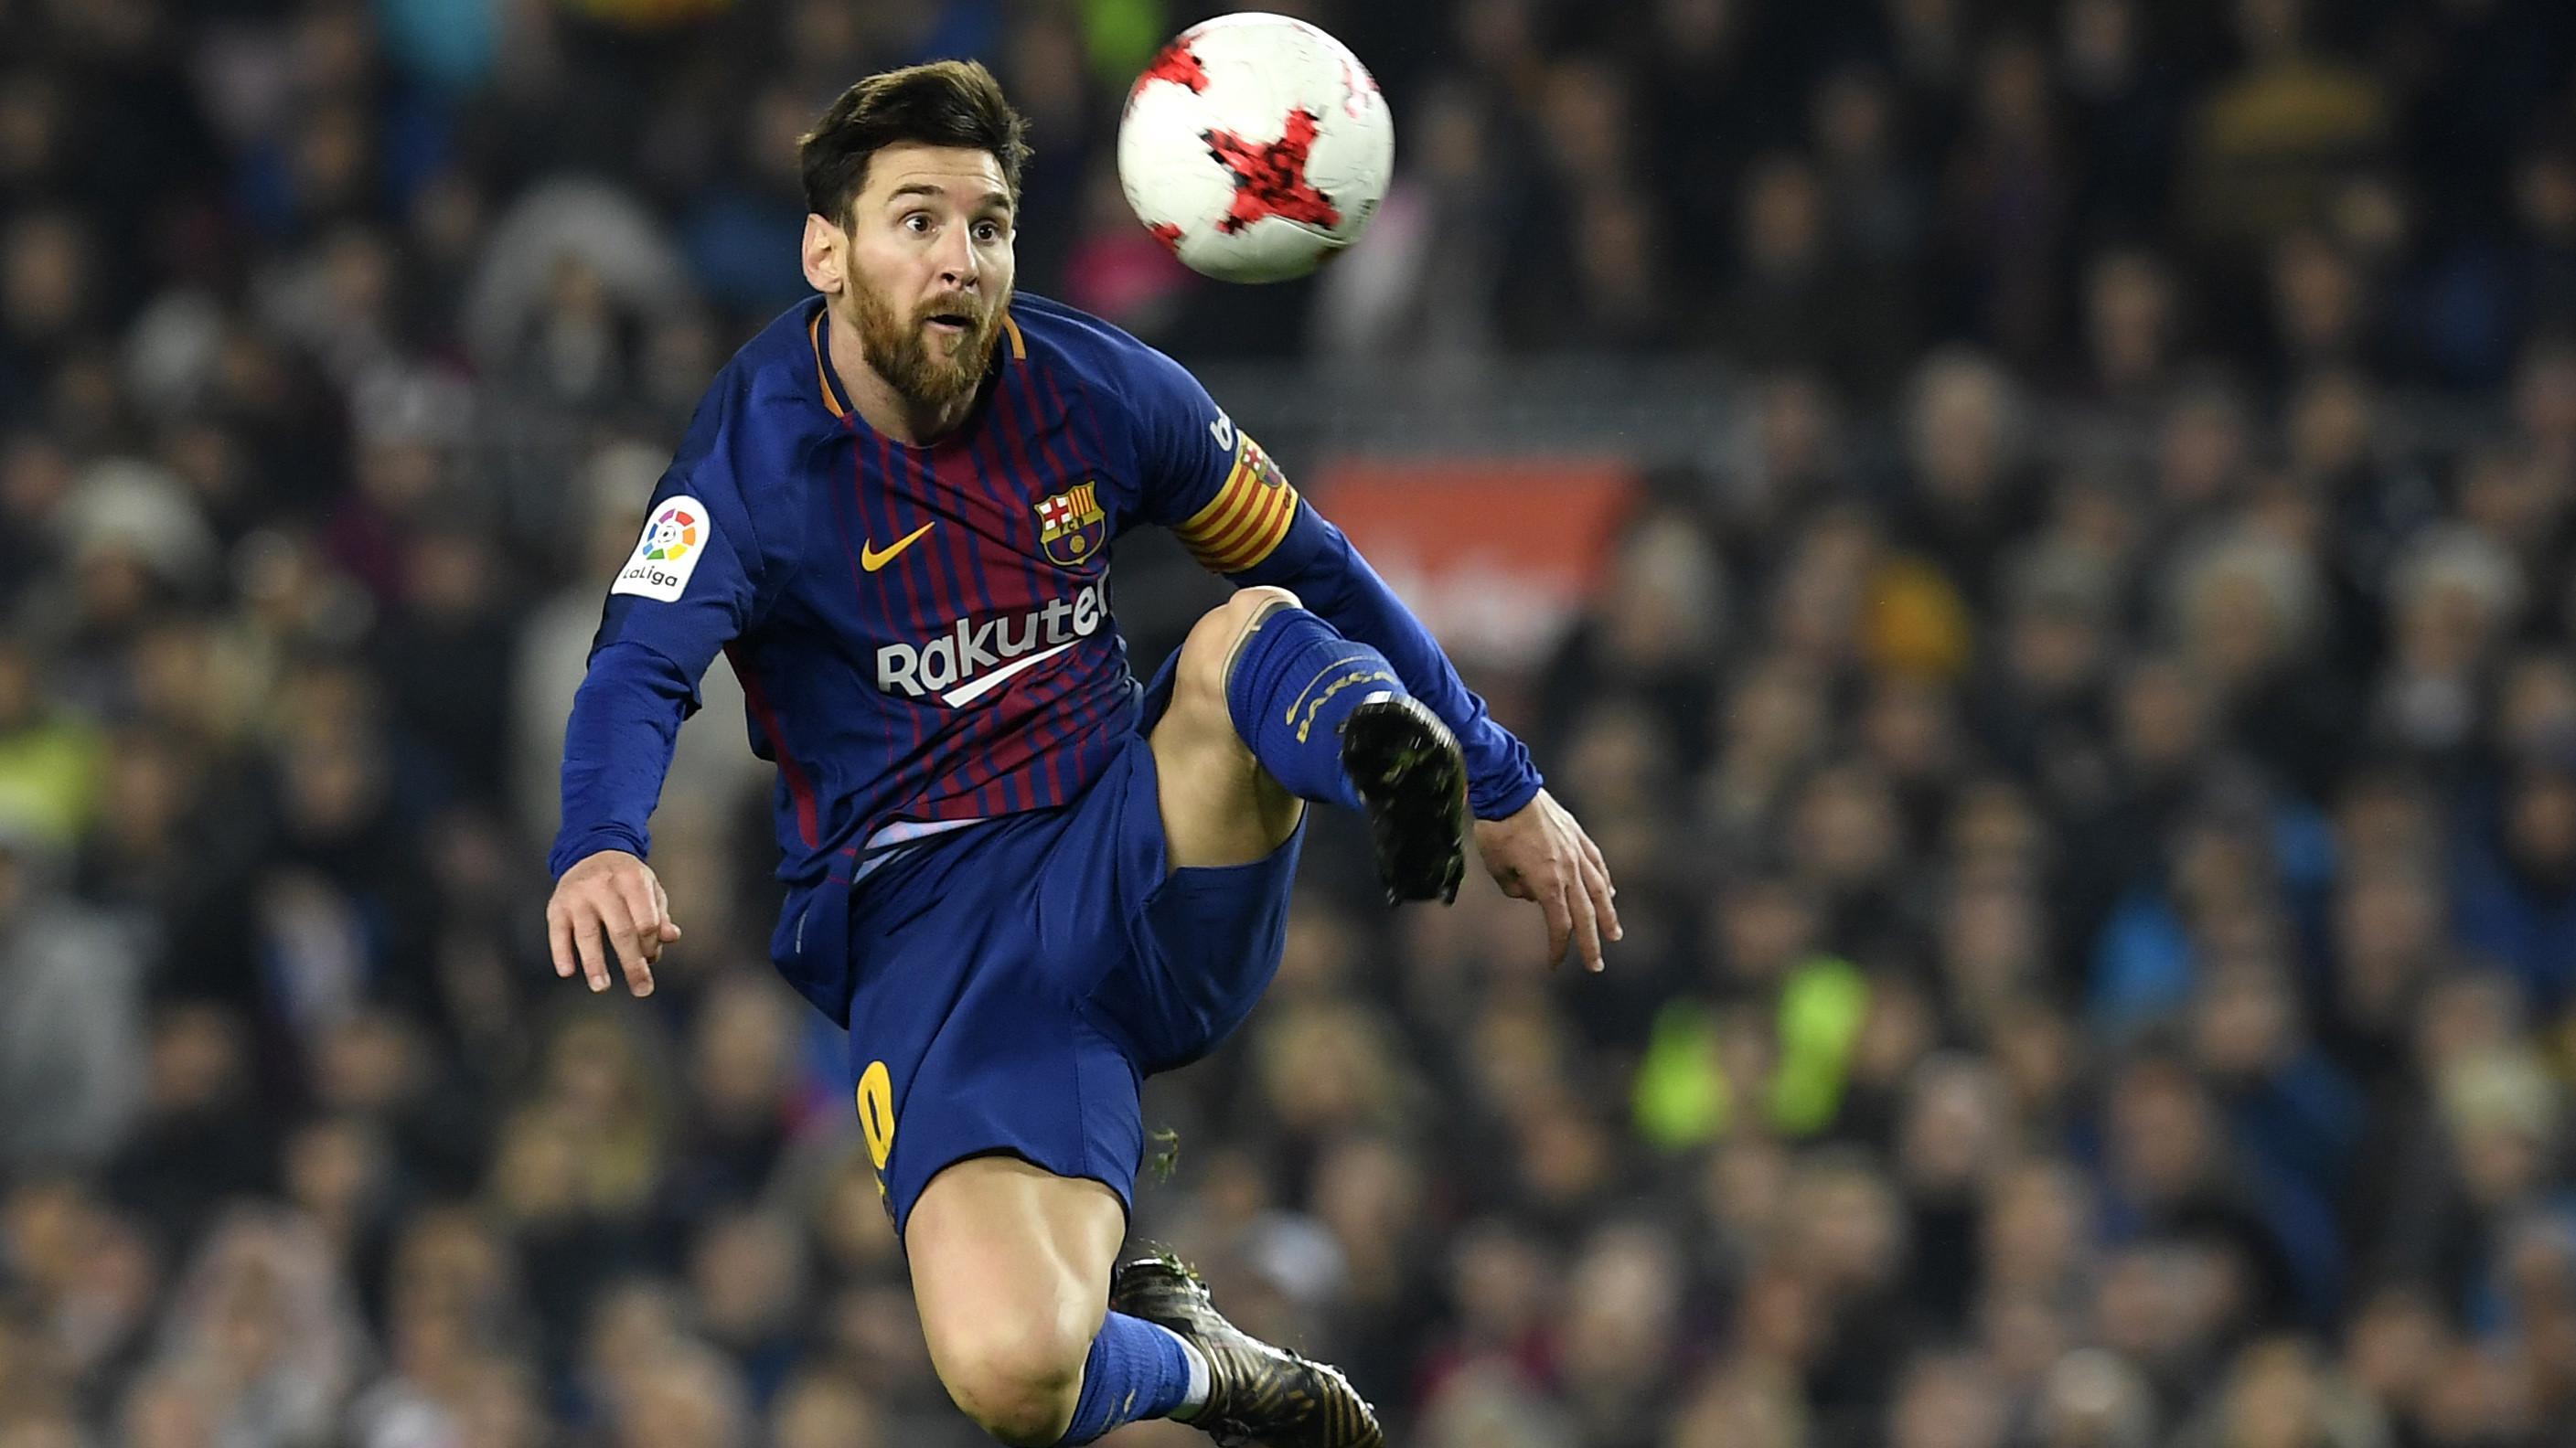 Bintang Barcelona, Lionel Messi menerima gaji per minggu sebesar 500.000 pound sterling dengan durasi kontrak hingga 2021. (AFP/Lluis Gene)